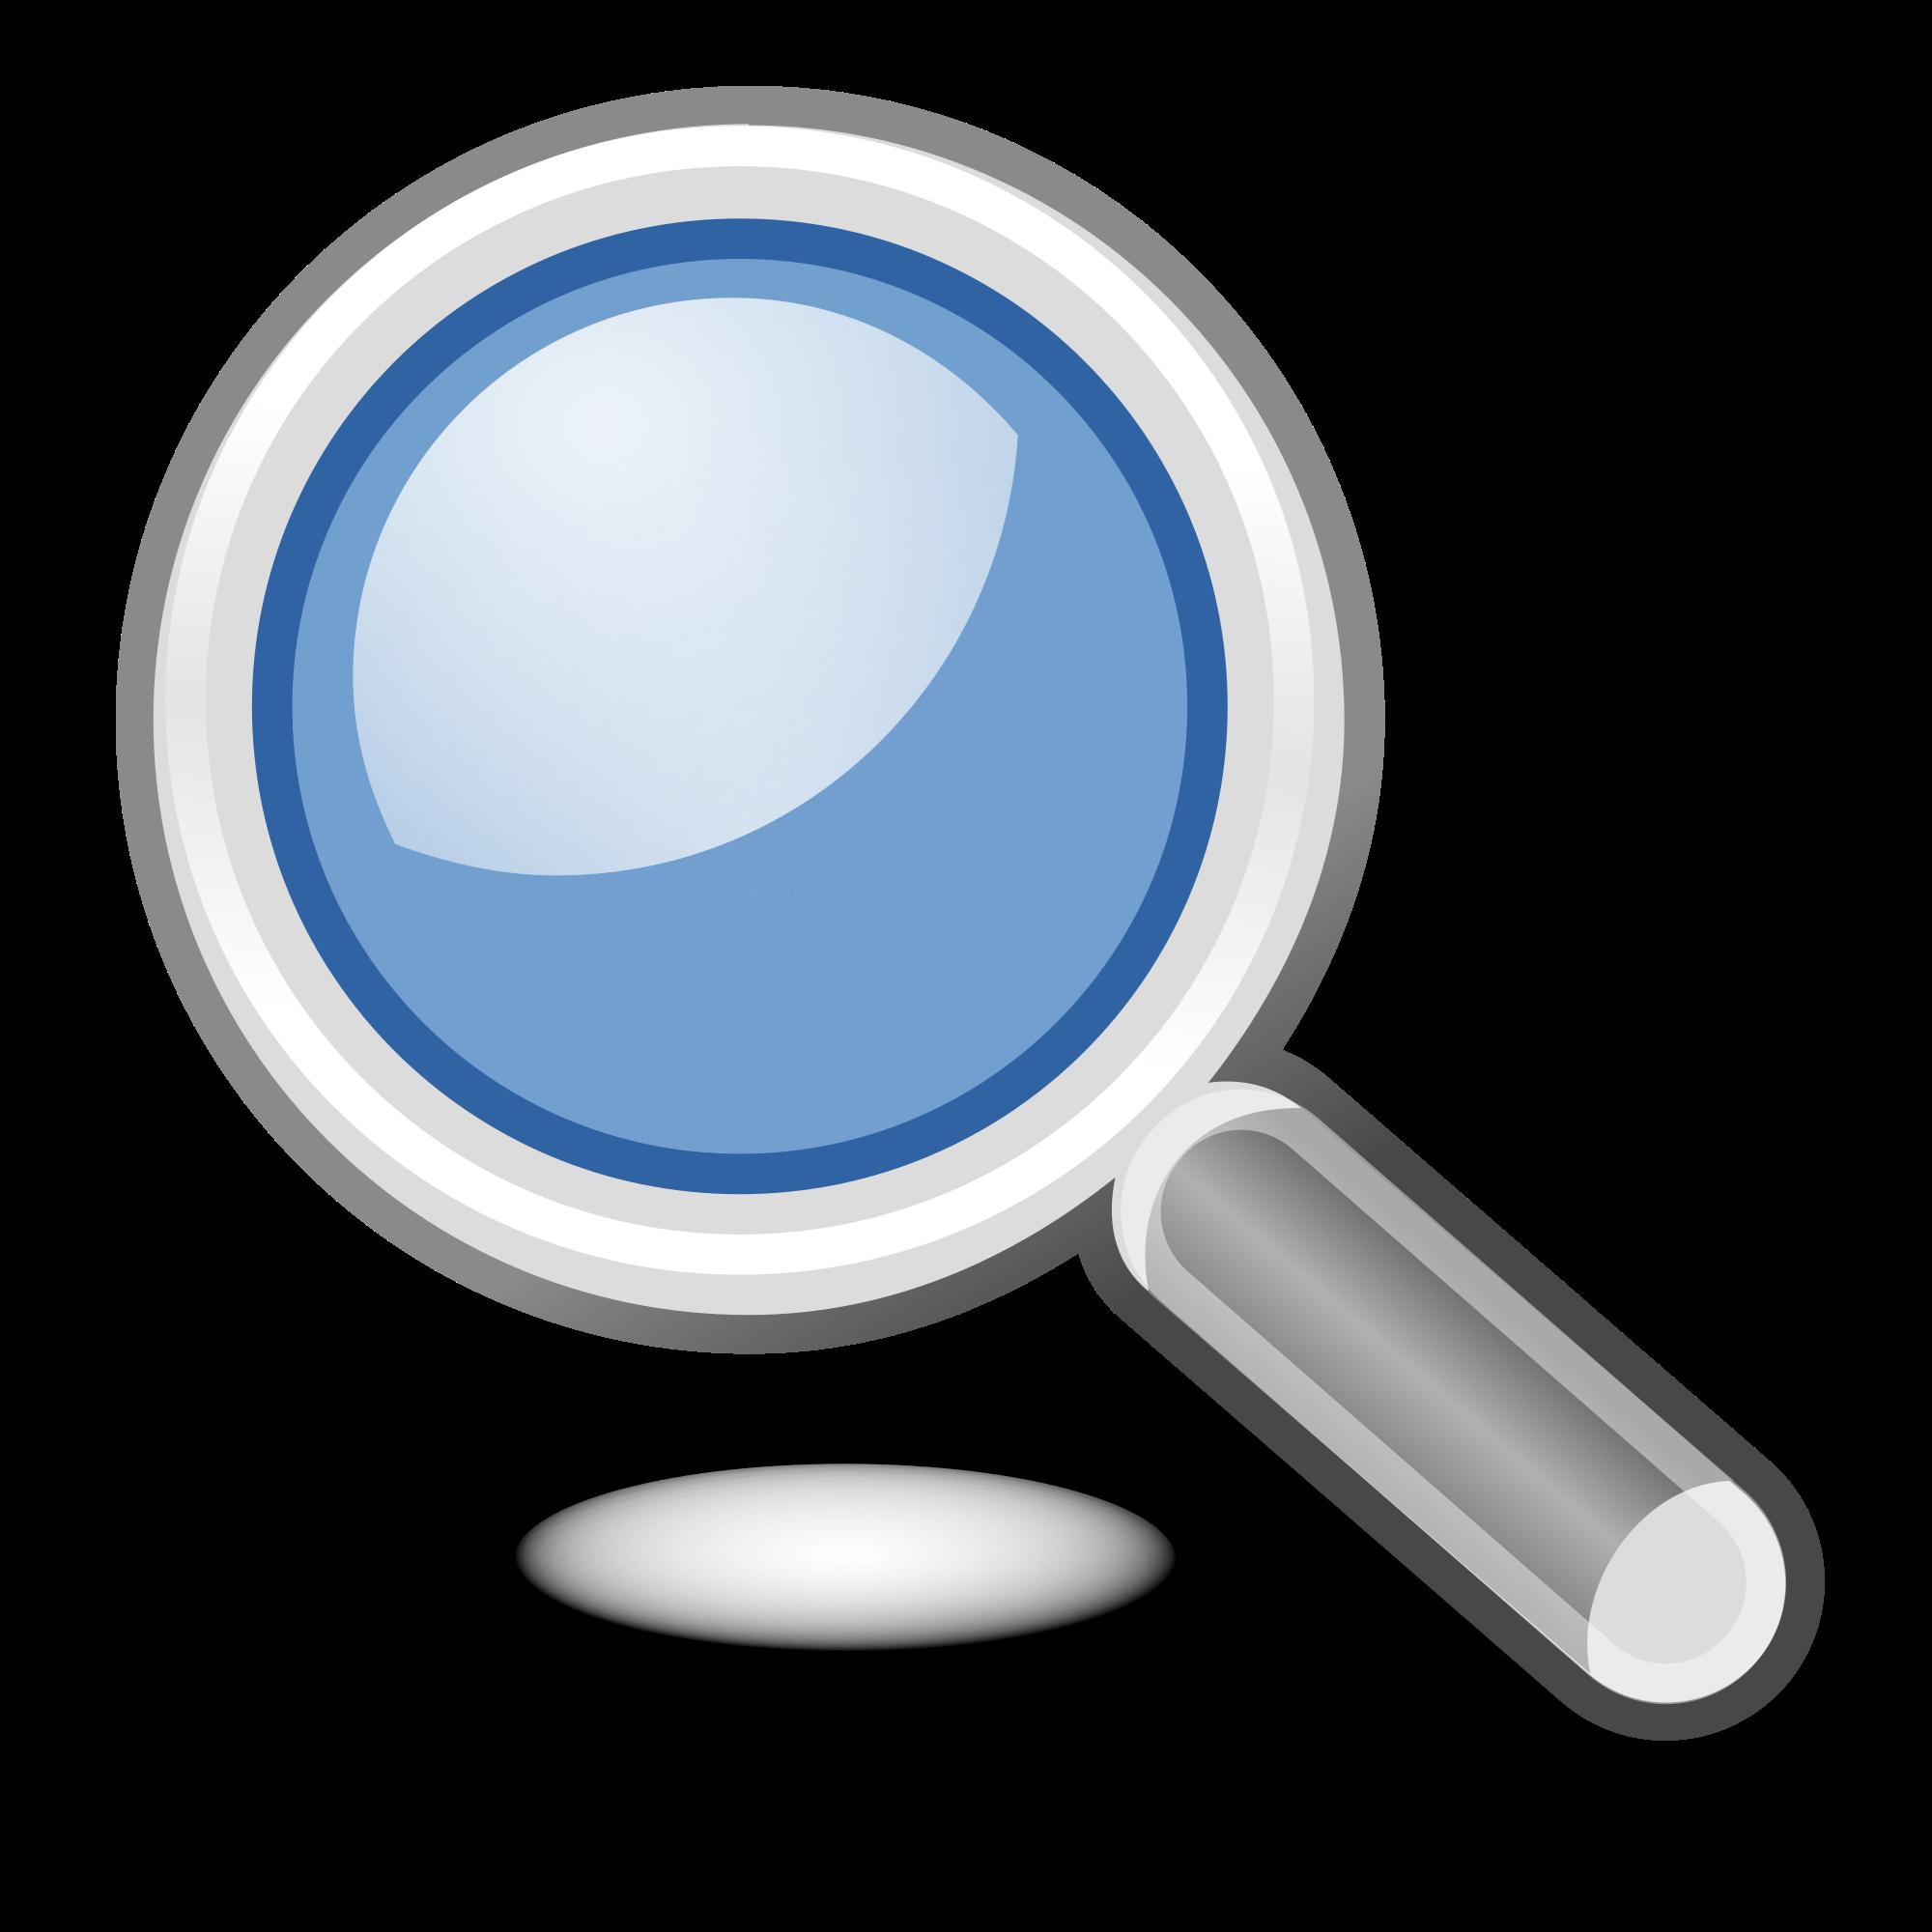 Jak wyszukiwać efektywnie w Google? #15 tricków i porad post thumbnail image